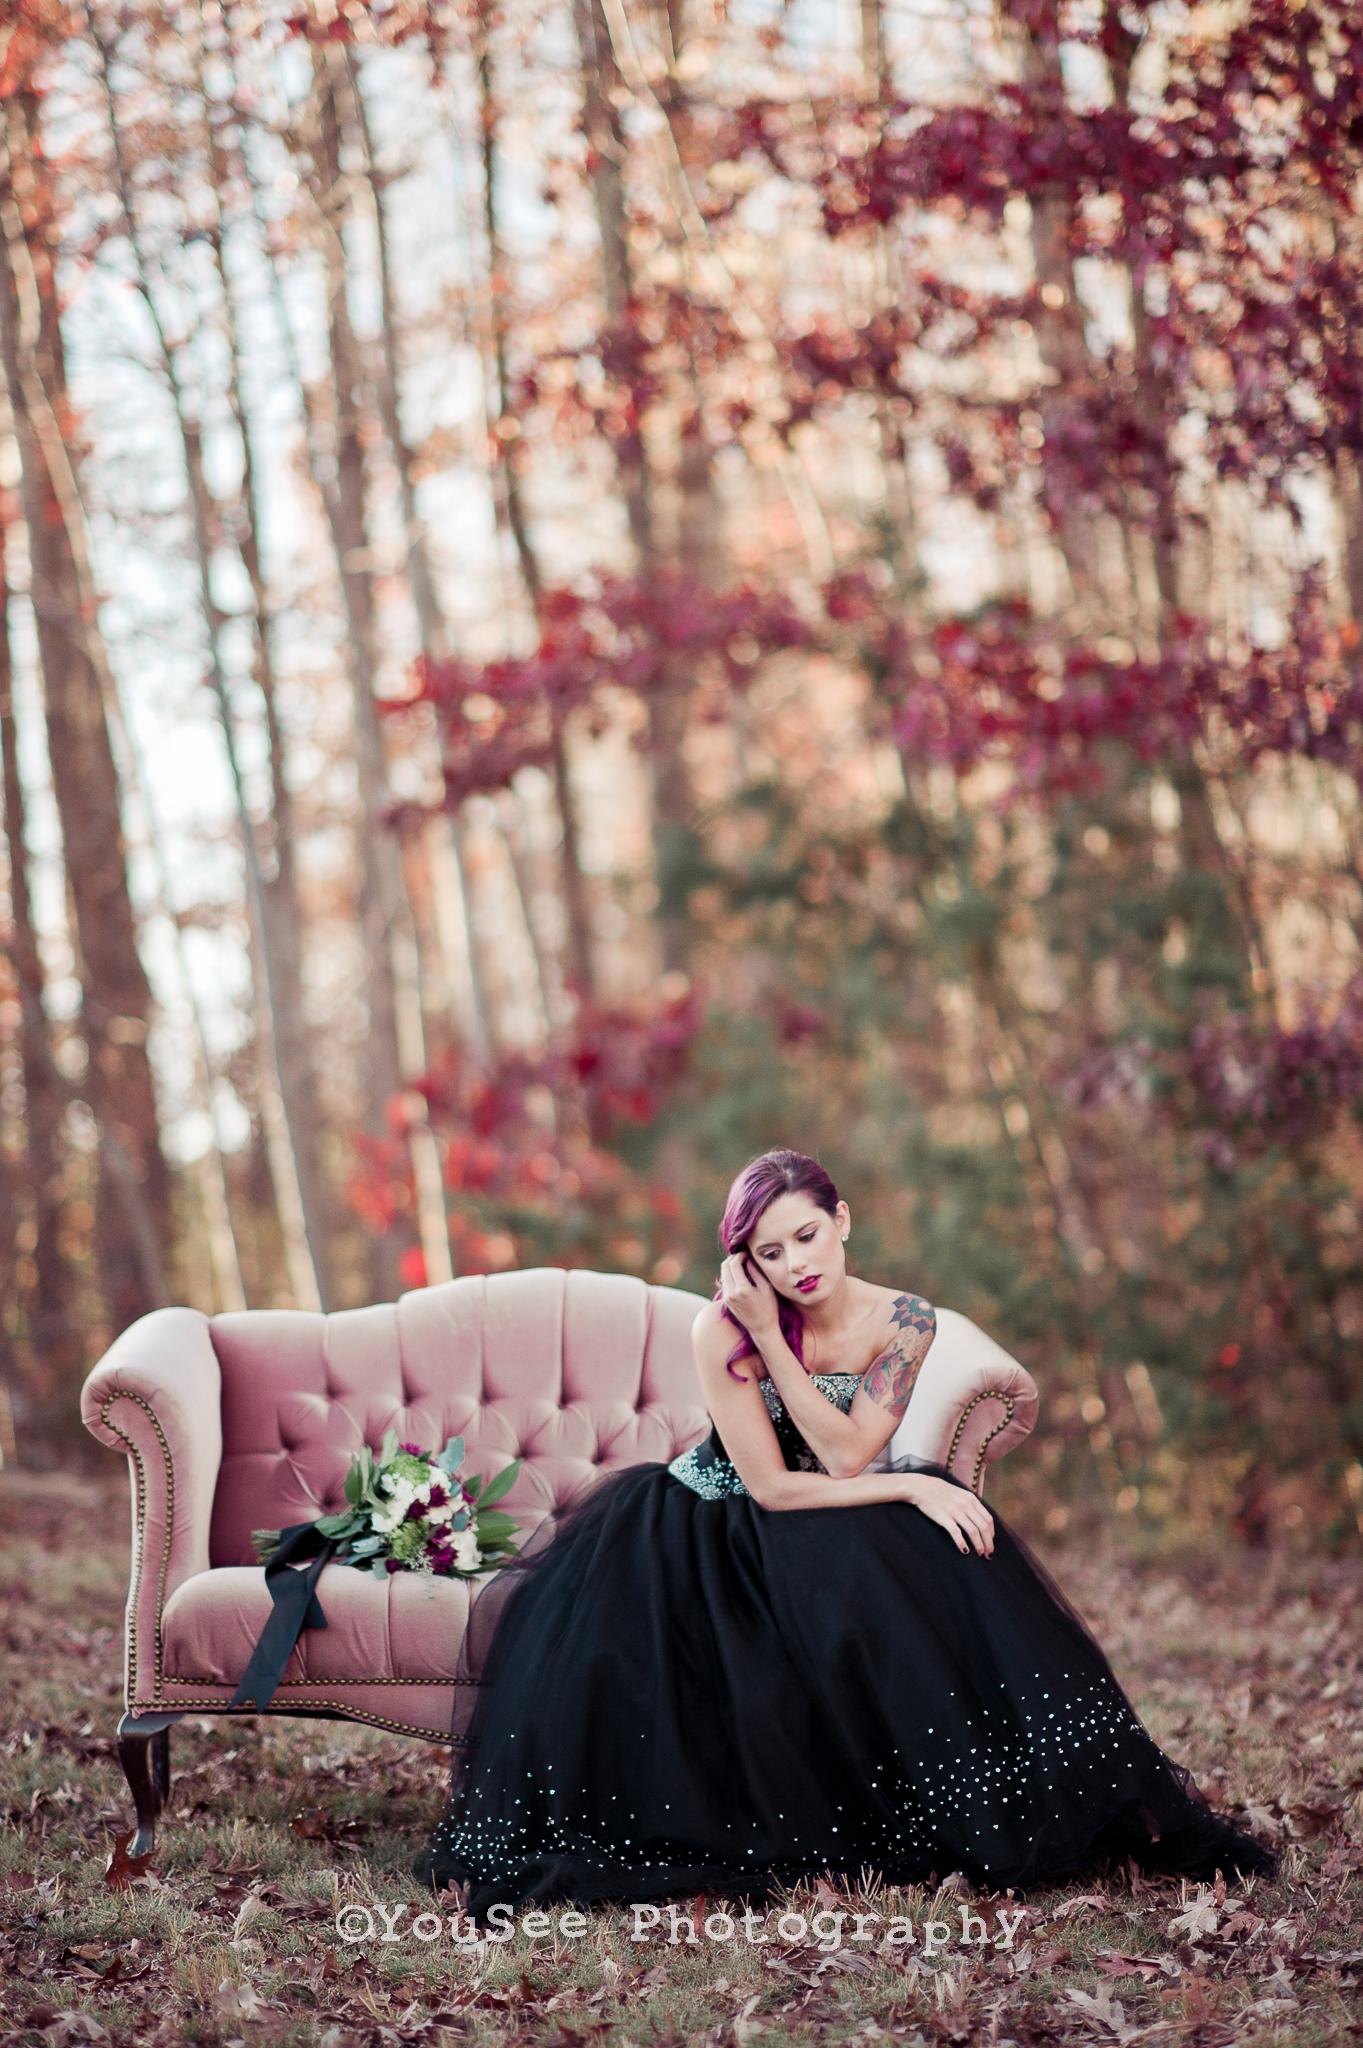 wedding_styledshoot_gothic_pursuit (46)